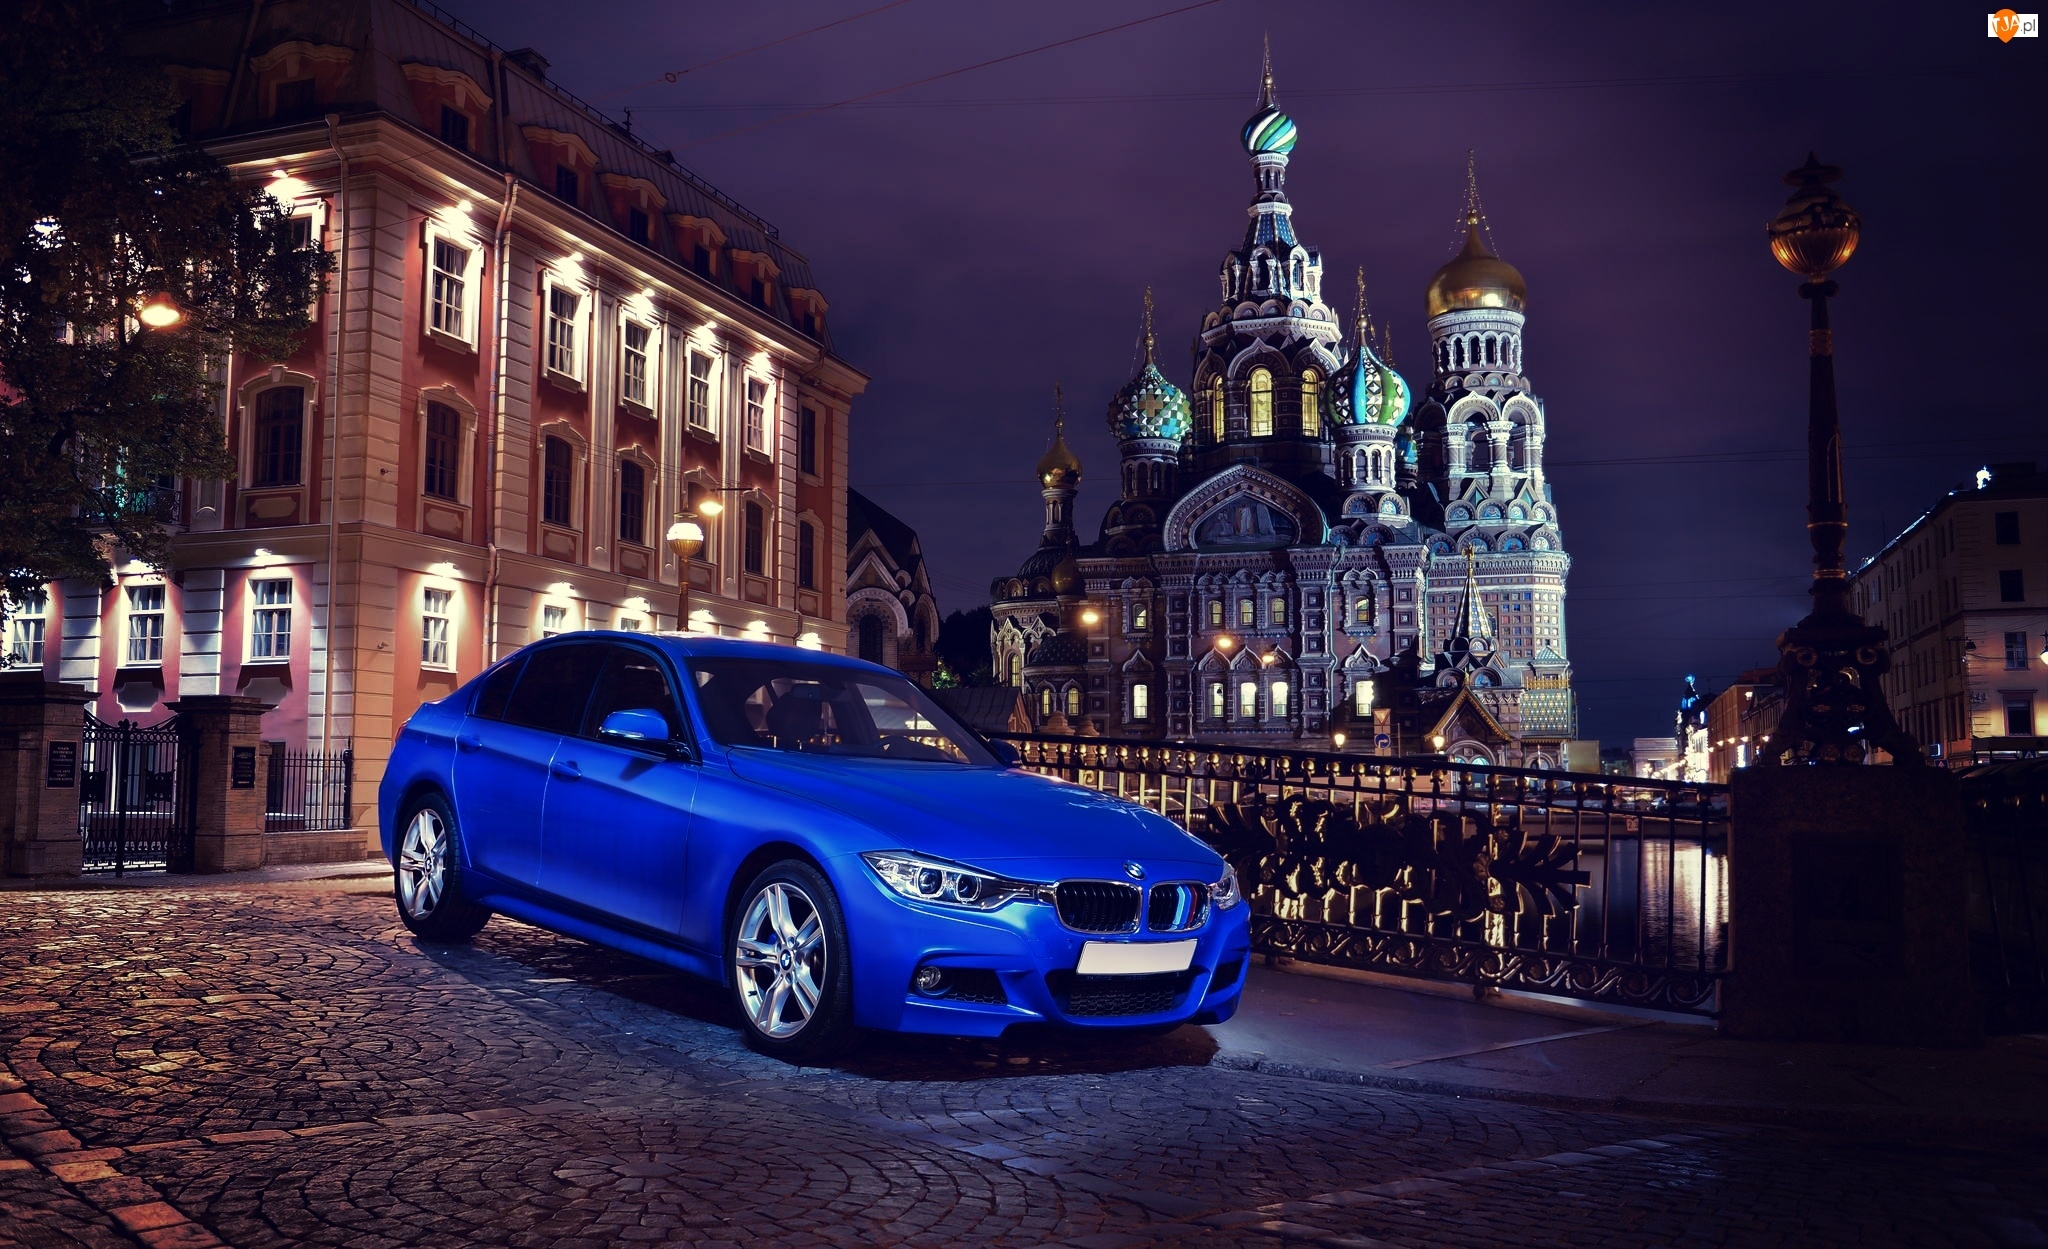 Sobór Zmartwychwstania Pańskiego, F30, BMW, Samochód, Petersburg, 335i, Cerkiew